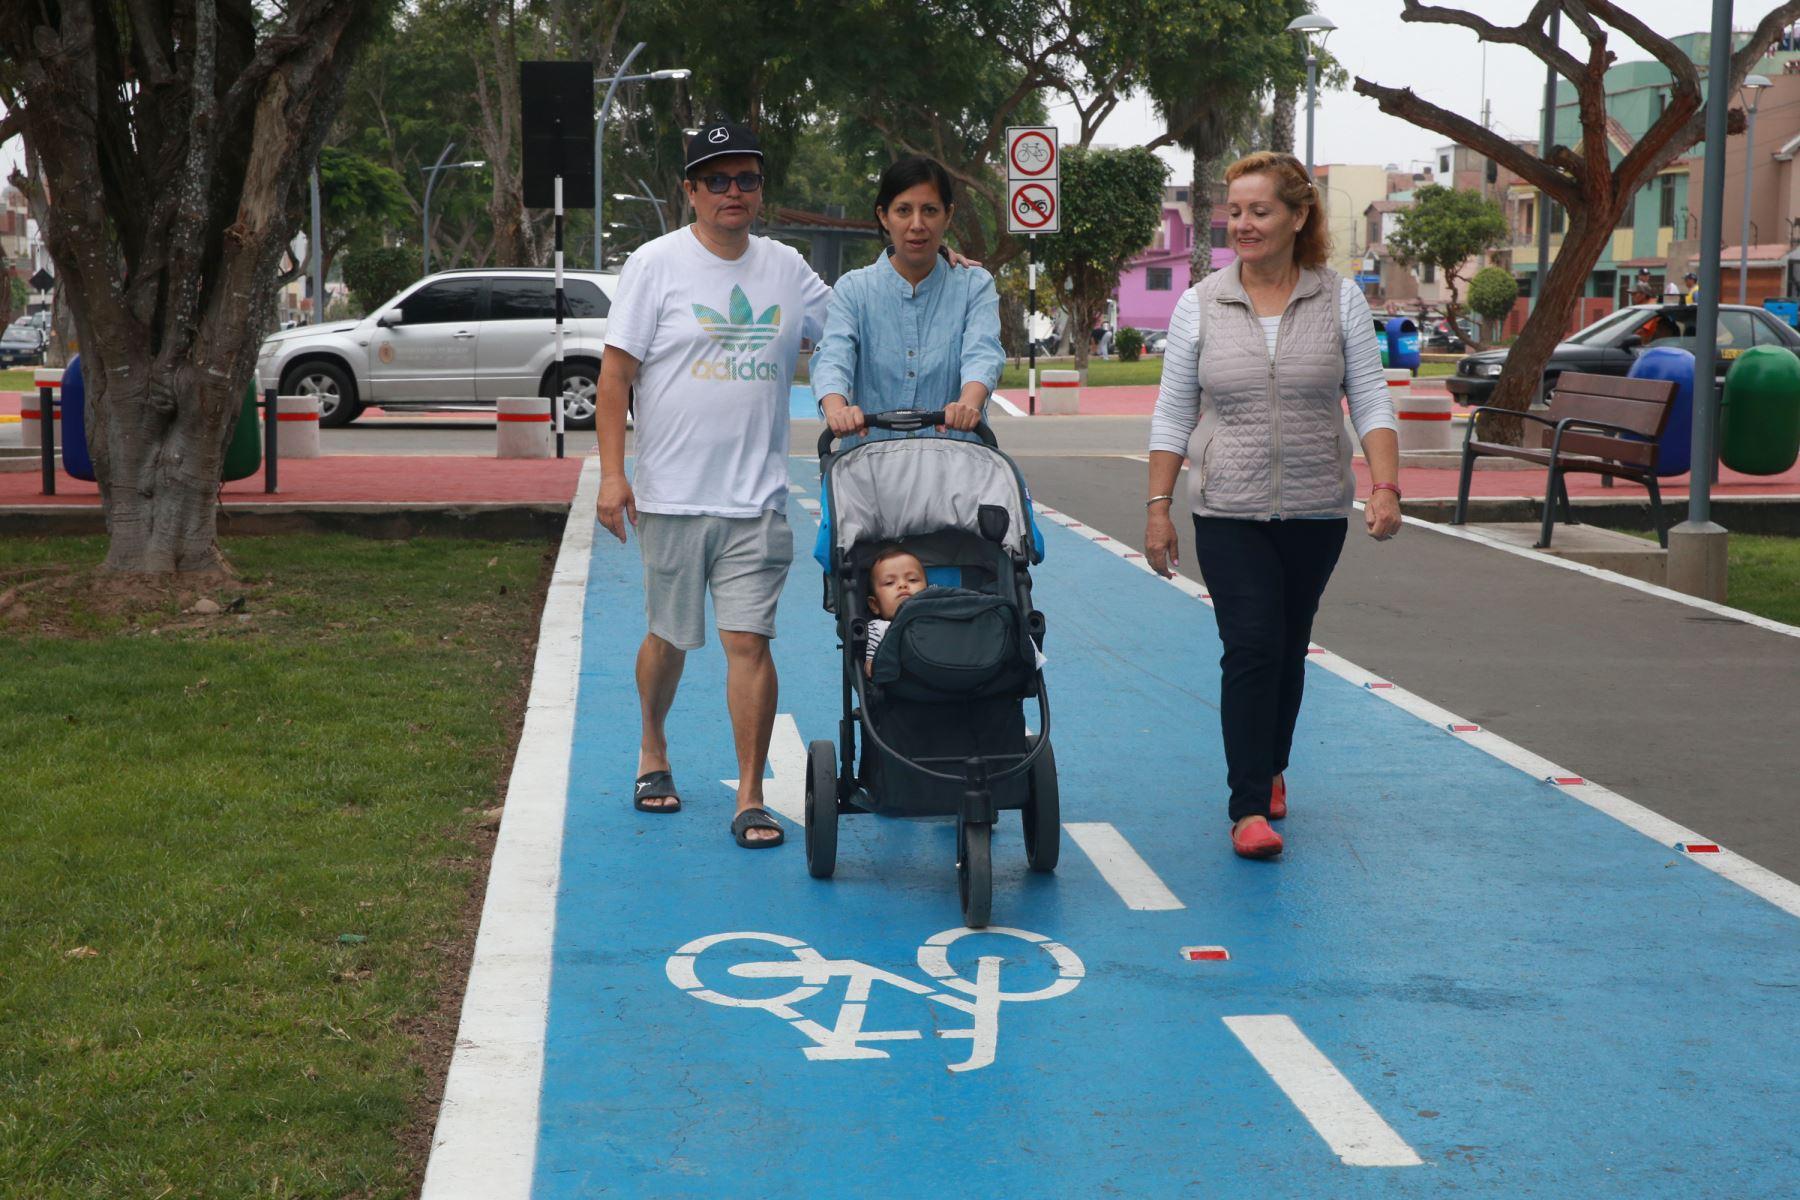 Son 3 kilómetros de bulevar, con una ciclovía, juegos infantiles, gimnasio al aire libre, fuentes de agua, iluminación led. Foto: ANDINA/Norman Córdova